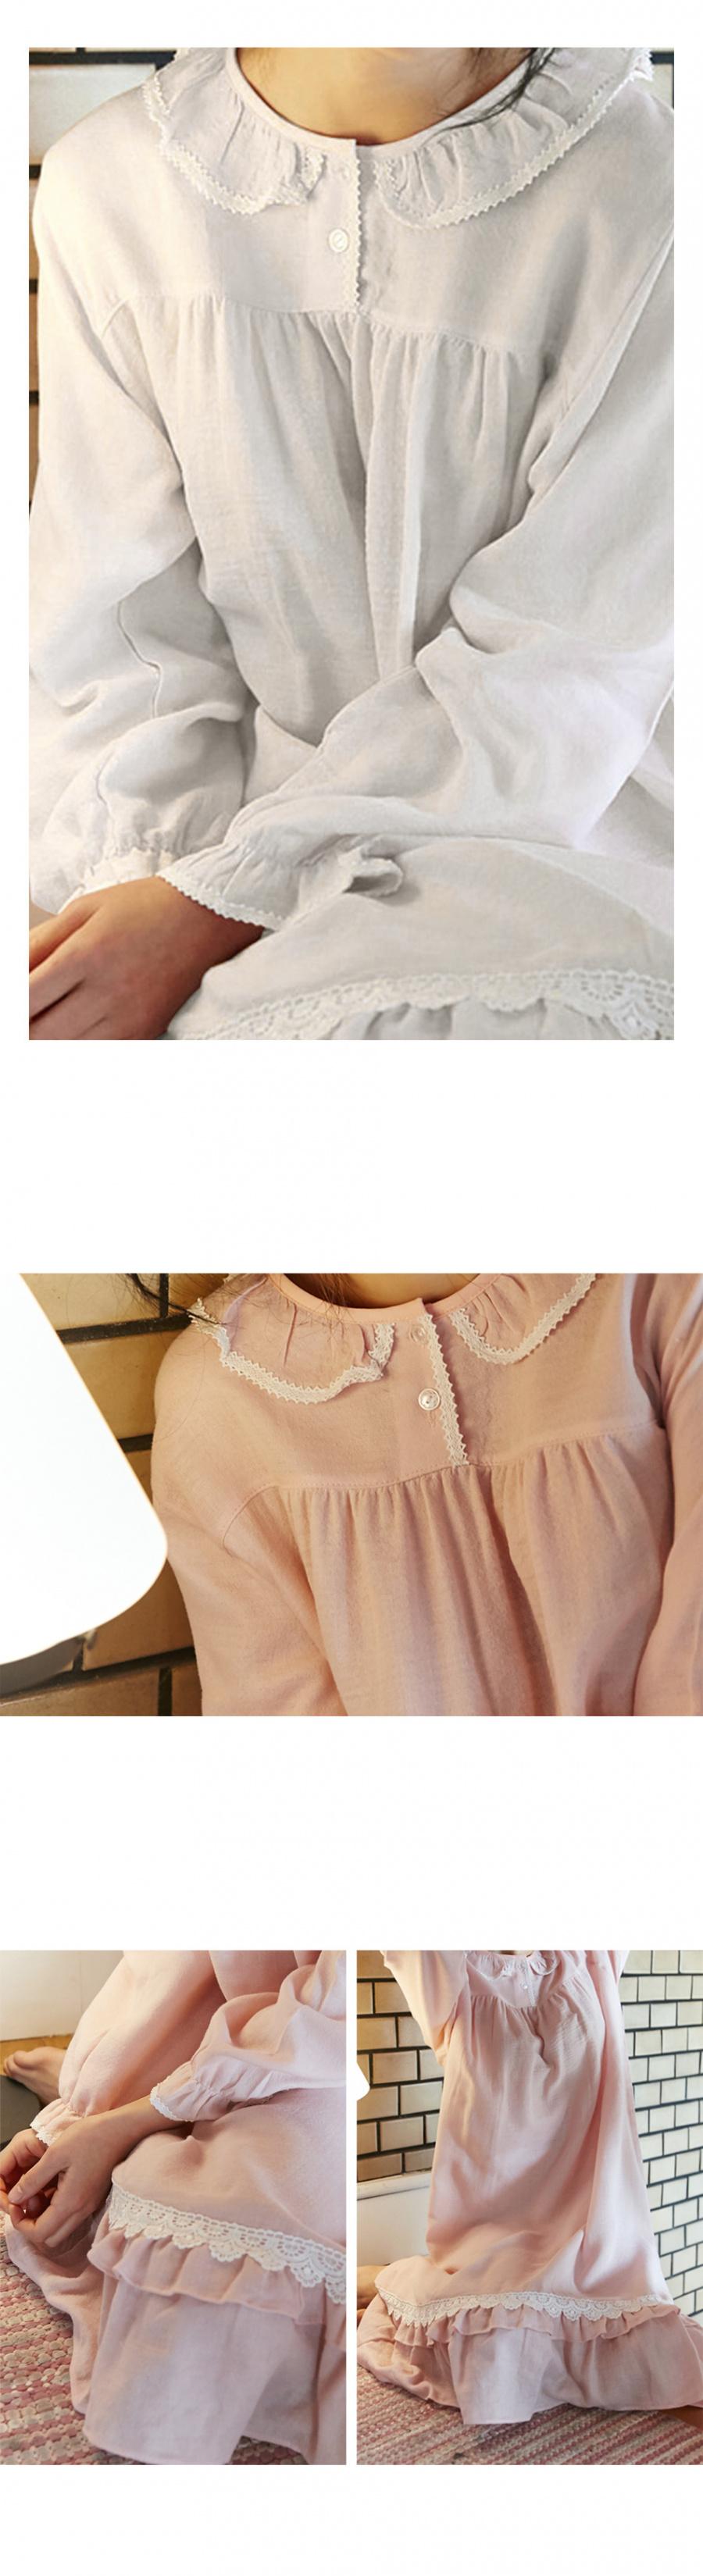 조스라운지(JOSLOUNGE) [여성] 소피아 긴팔 원피스  화이트